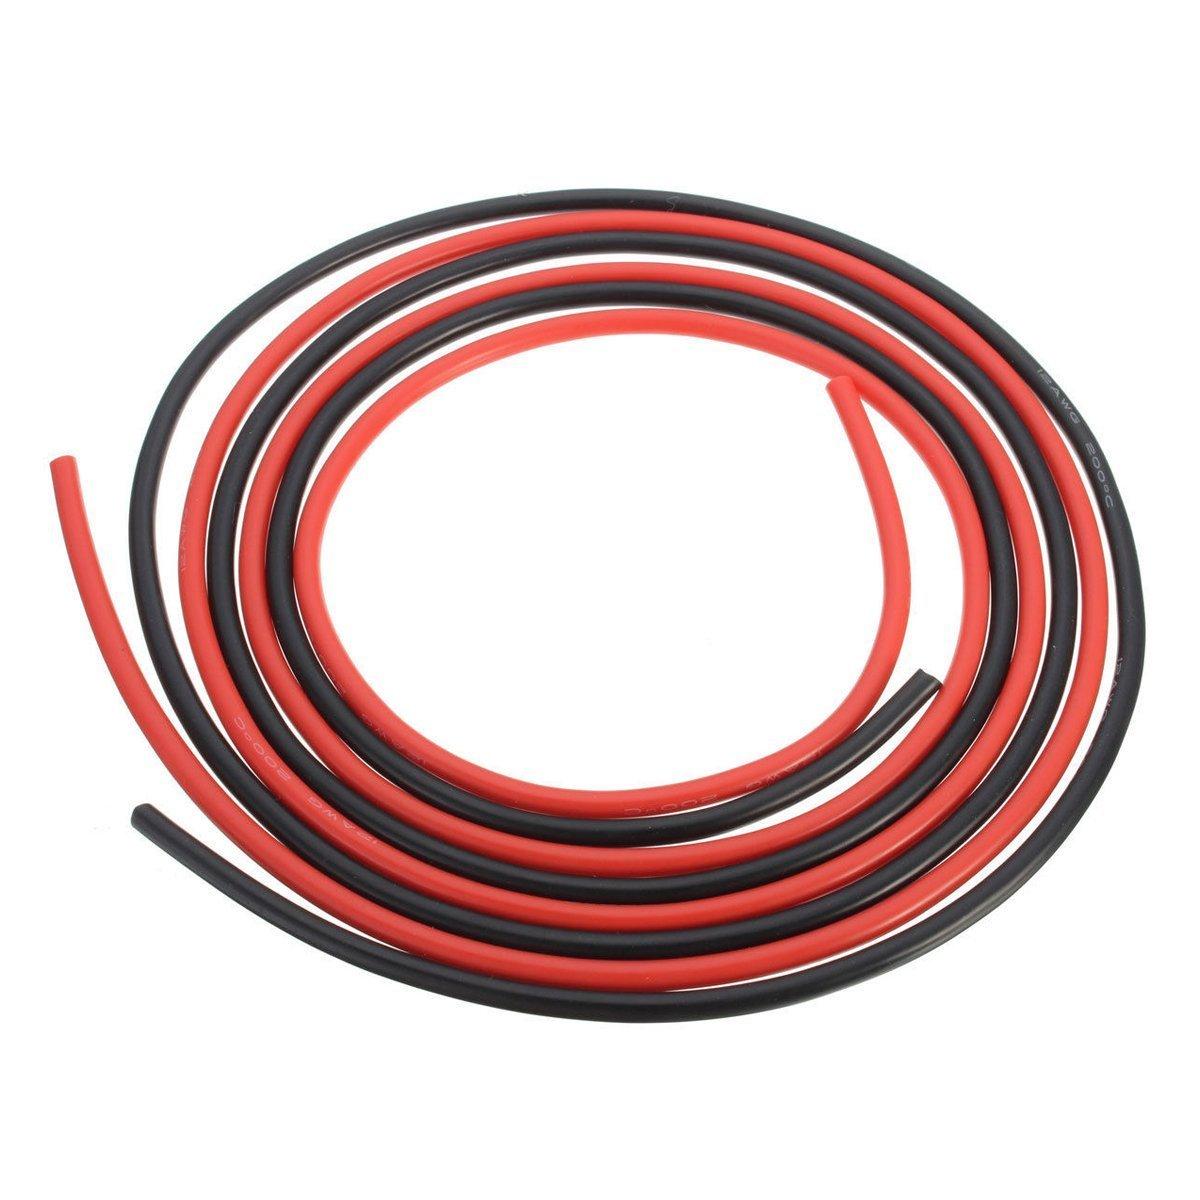 Silikon Draht - TOOGOO(R)12 AWG 10 Ft (3m) Spur Silikon Kabel ...